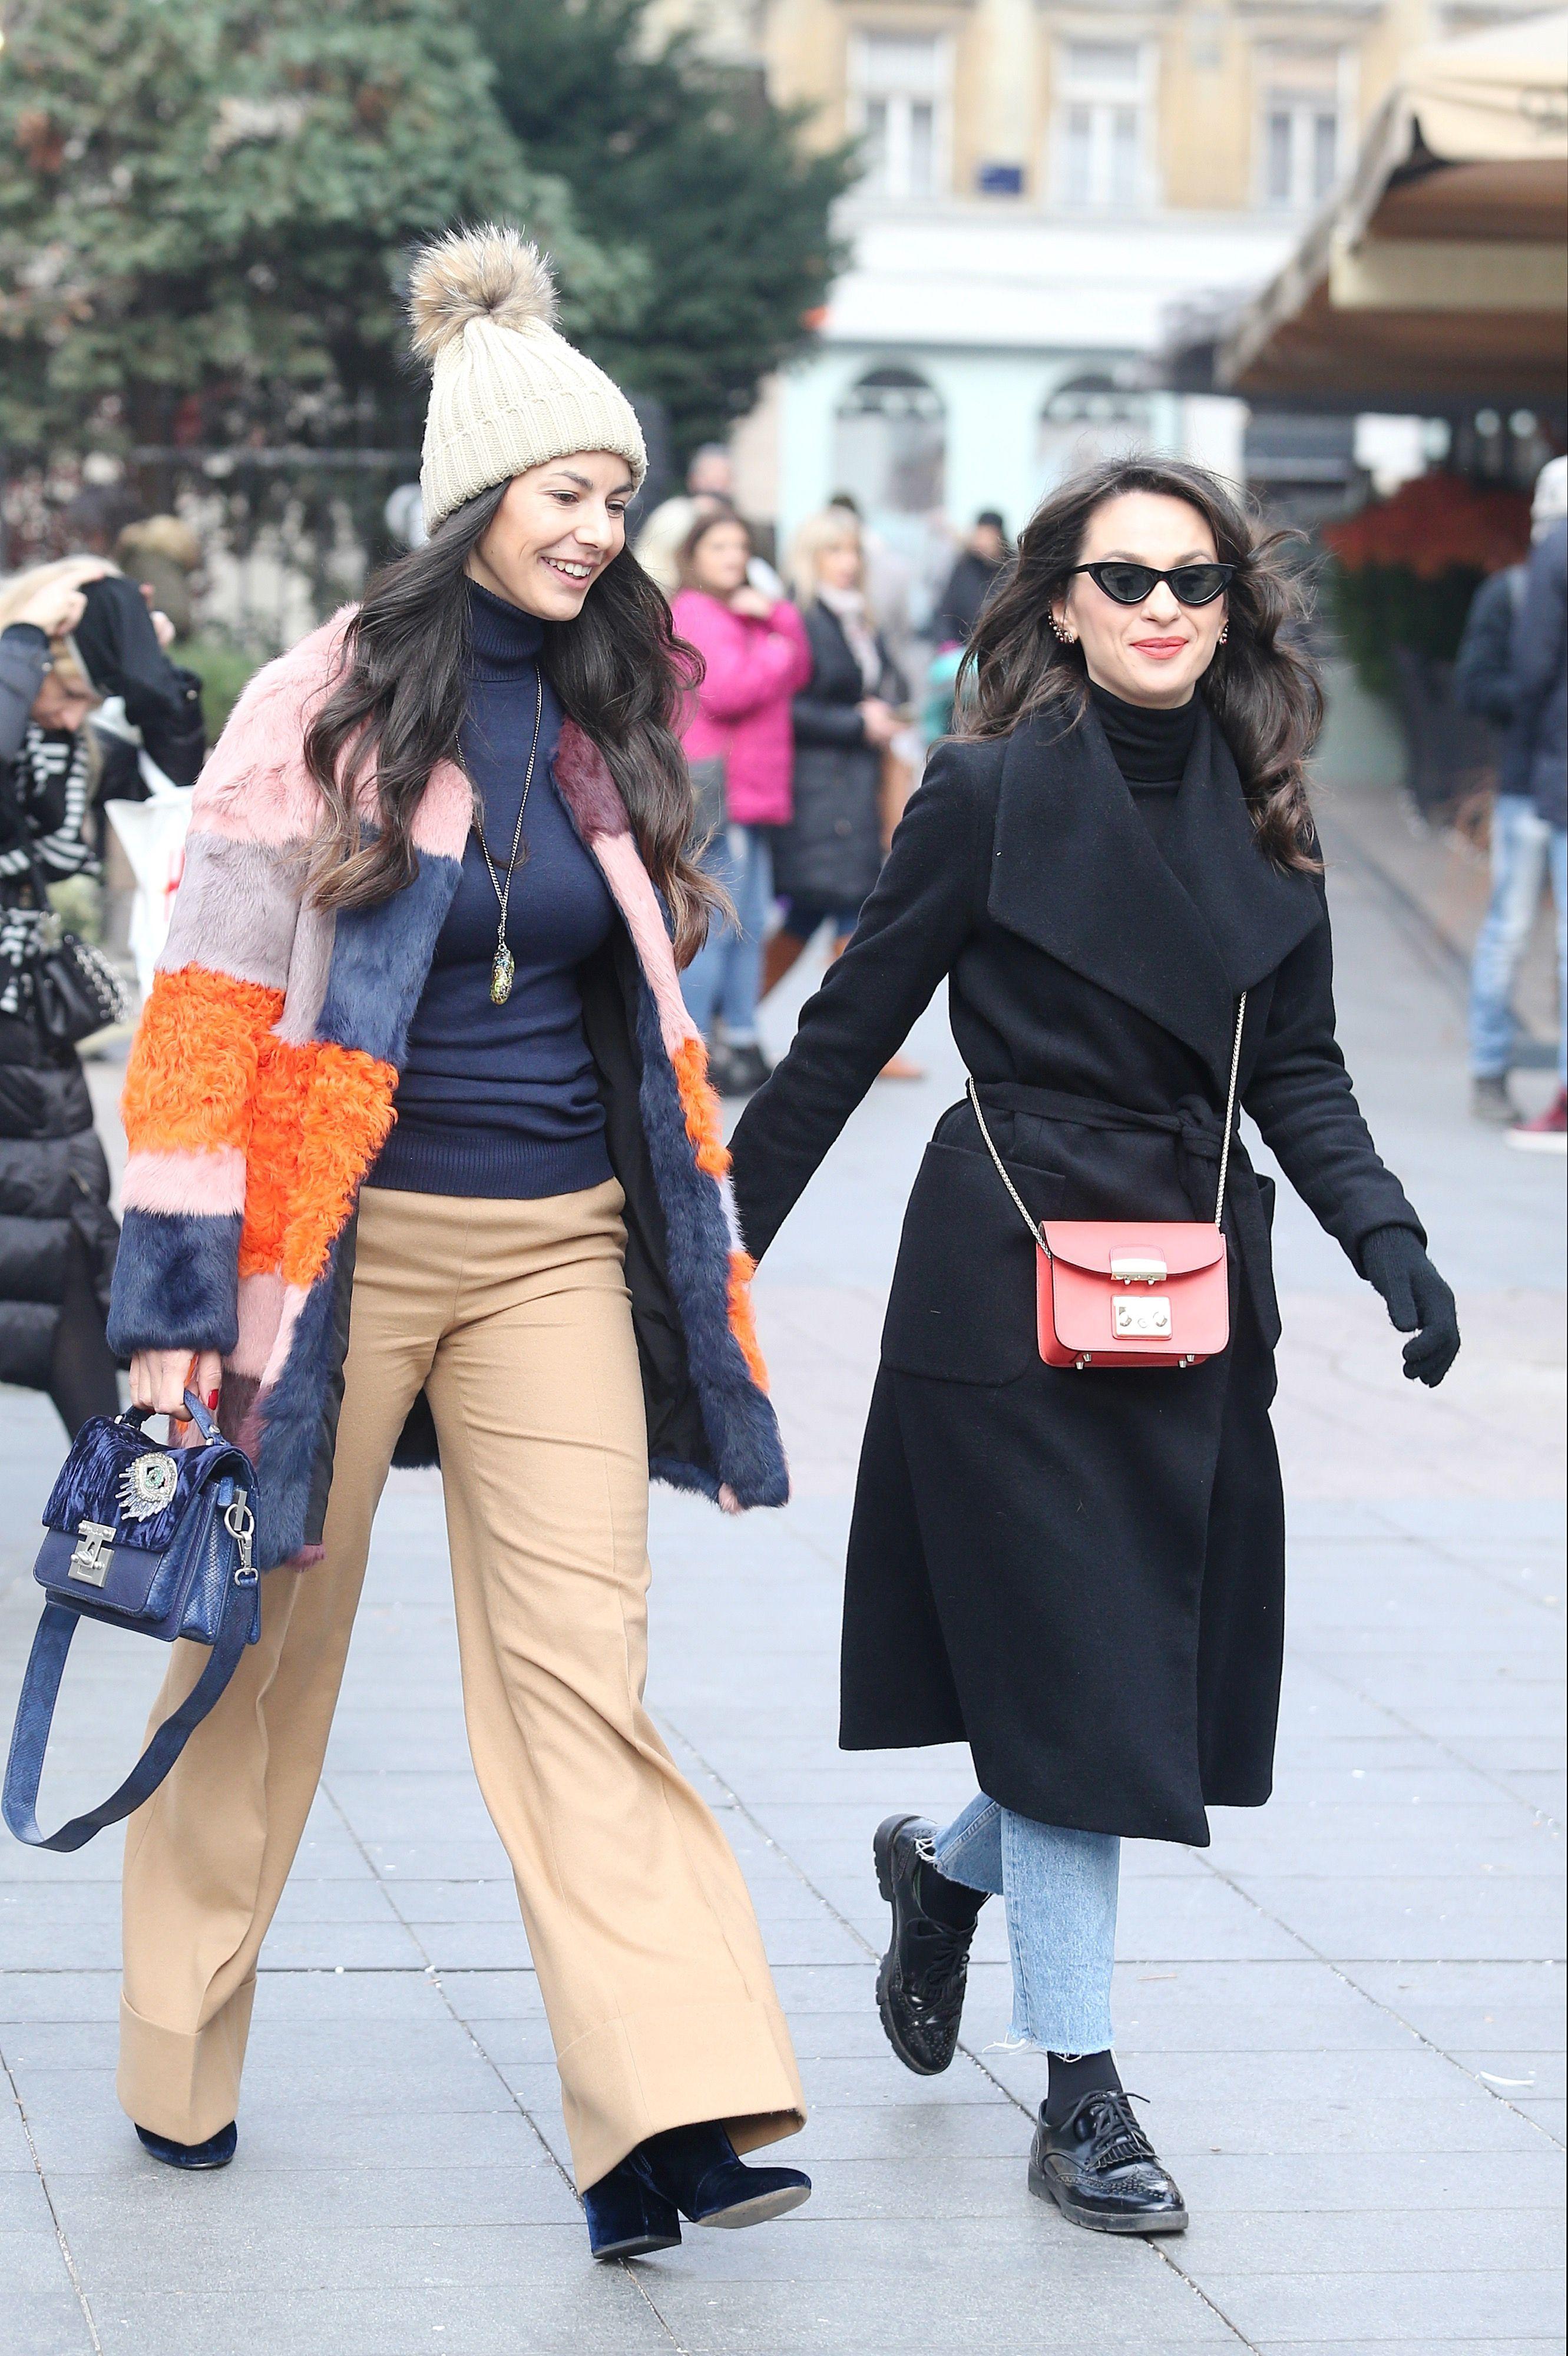 Zgodne, stylish i jako cool: Ove dvije frendice ukrale su pozornost u centru grada!